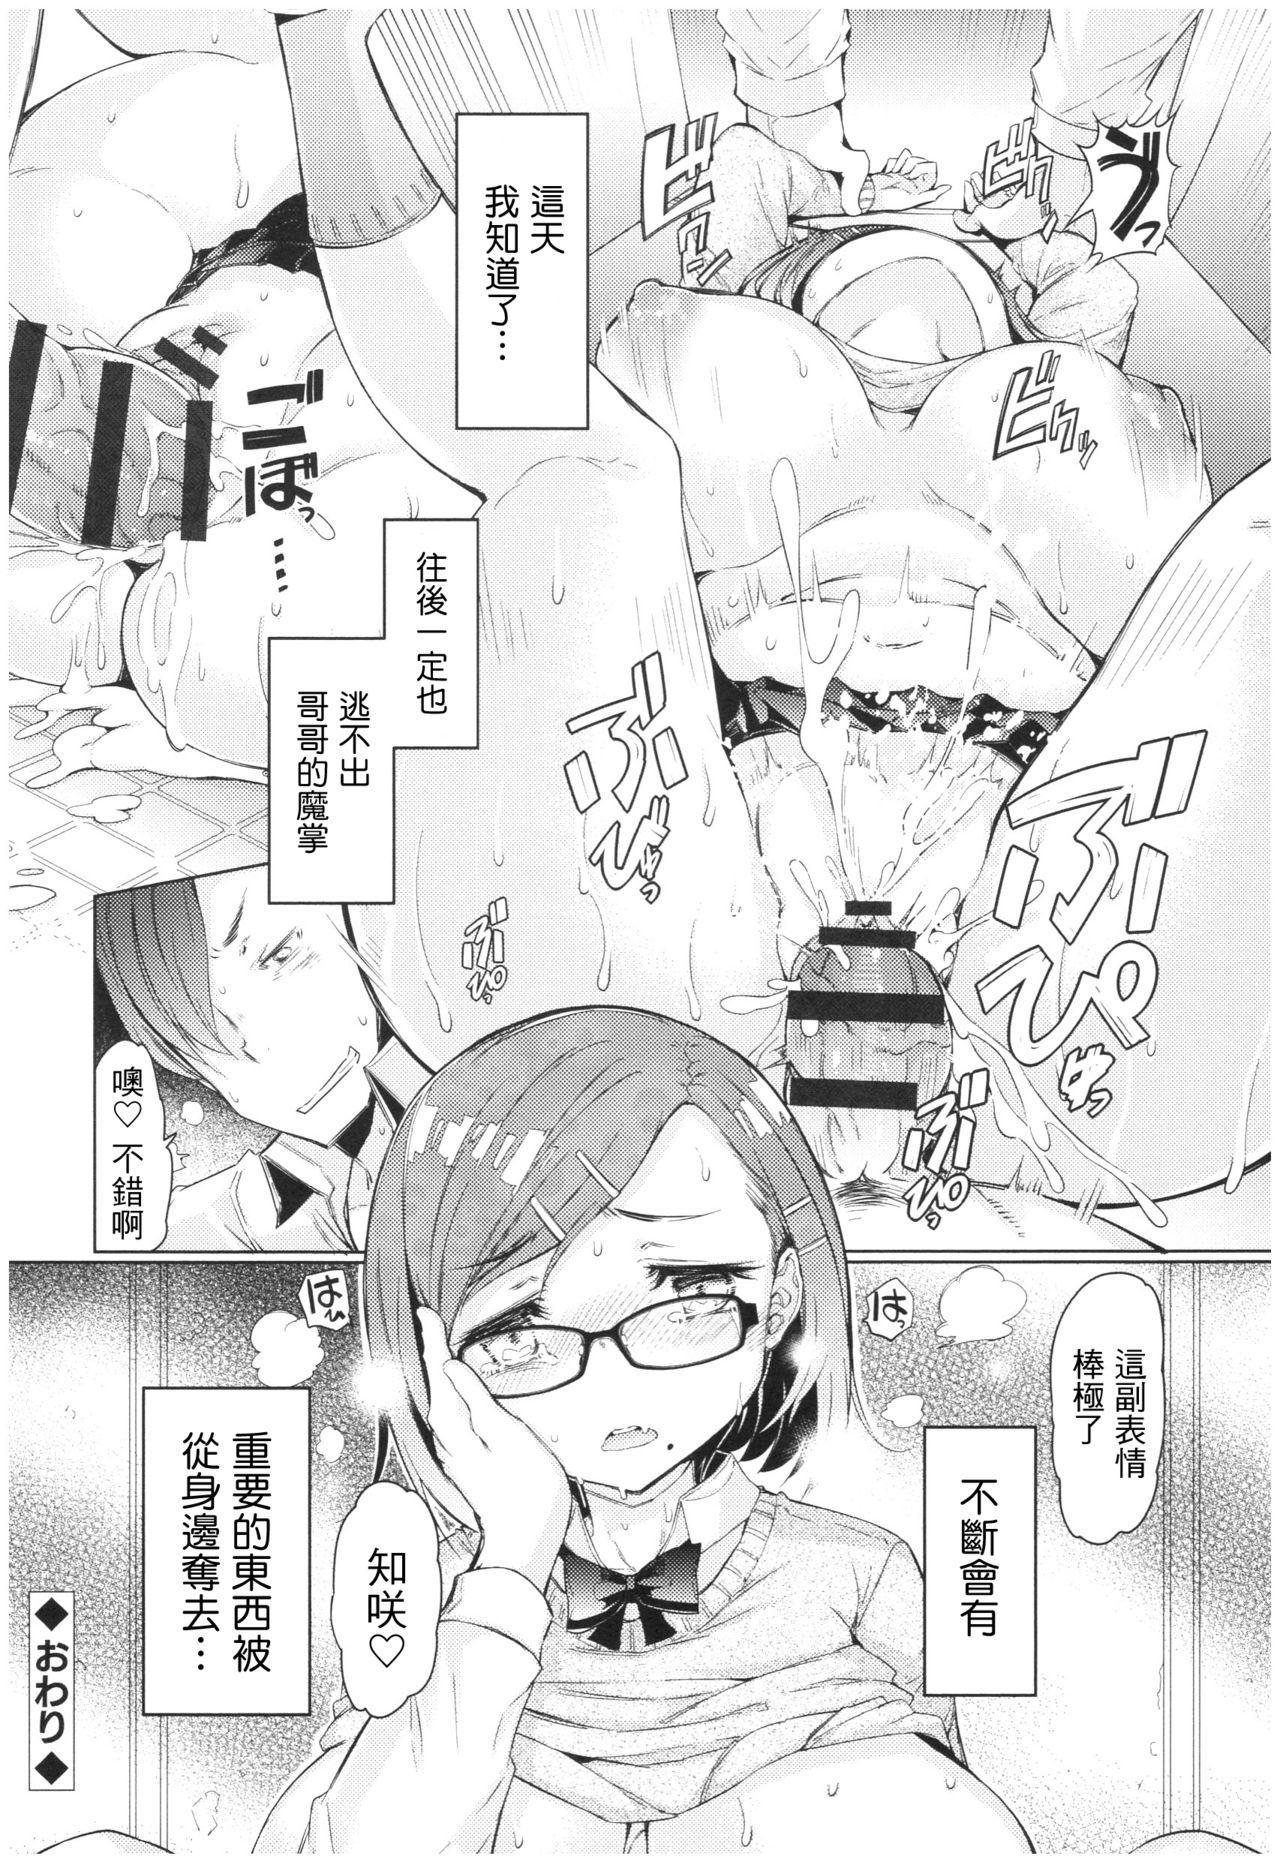 Ochita Kyoudai no 13-nichi Gougan Imouto no Otoshikata 186